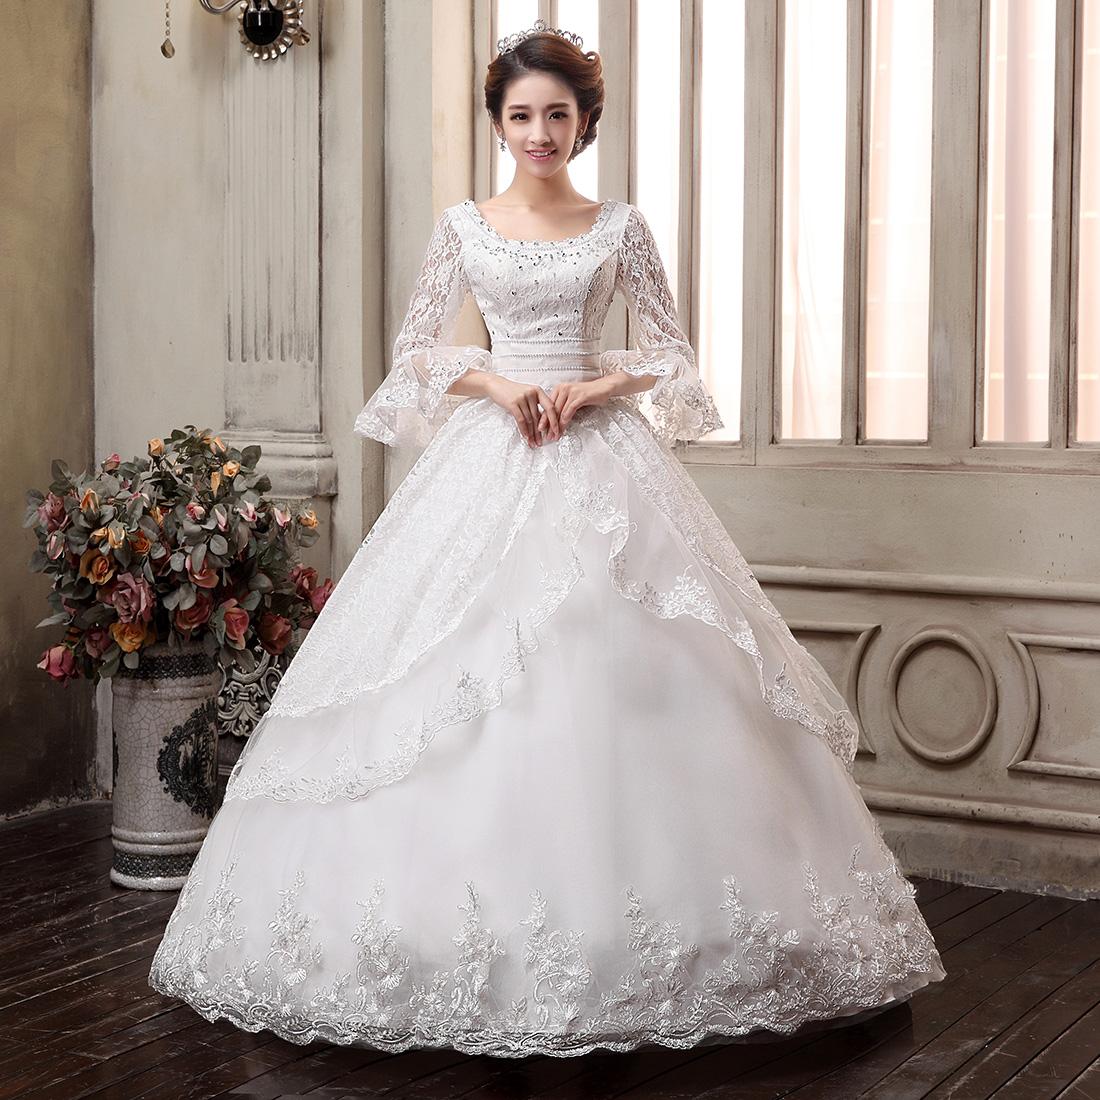 韩式新娘孕妇婚纱高腰加大码婚纱礼服胖mm显瘦2015新款齐地秋冬季